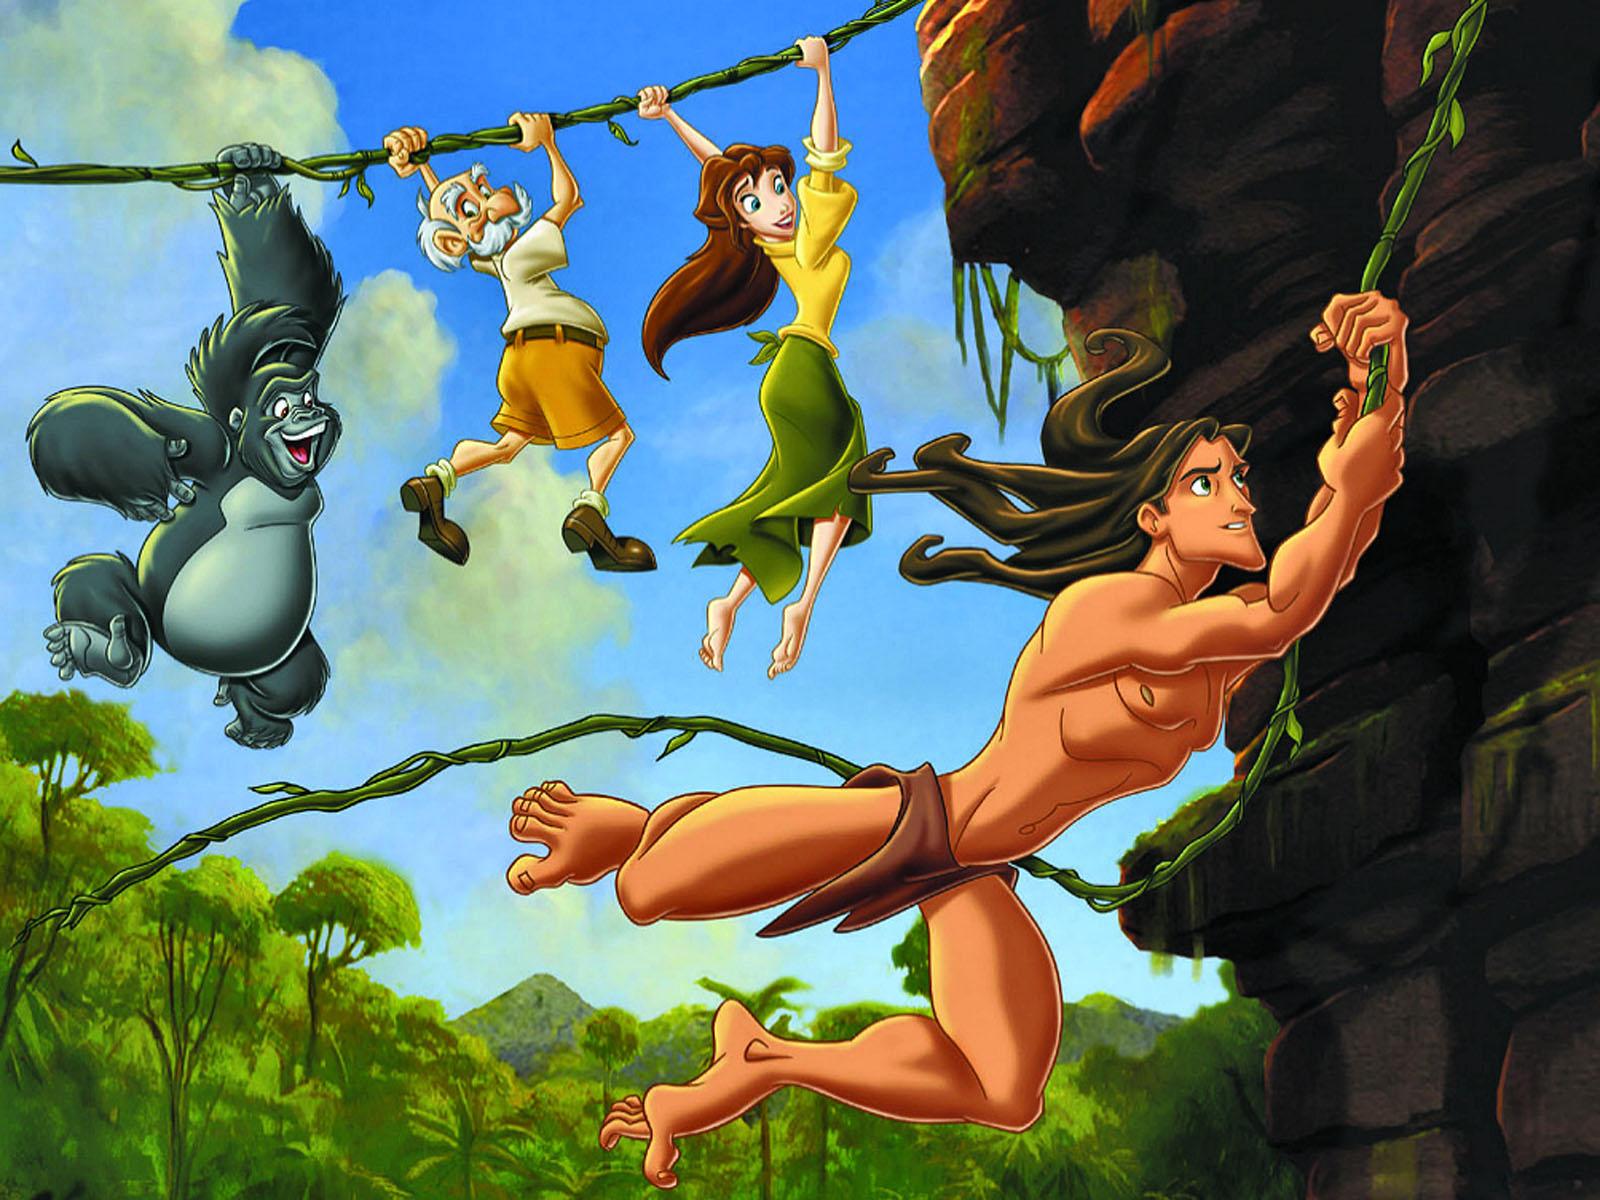 HQ Tarzan Wallpapers | File 312.89Kb